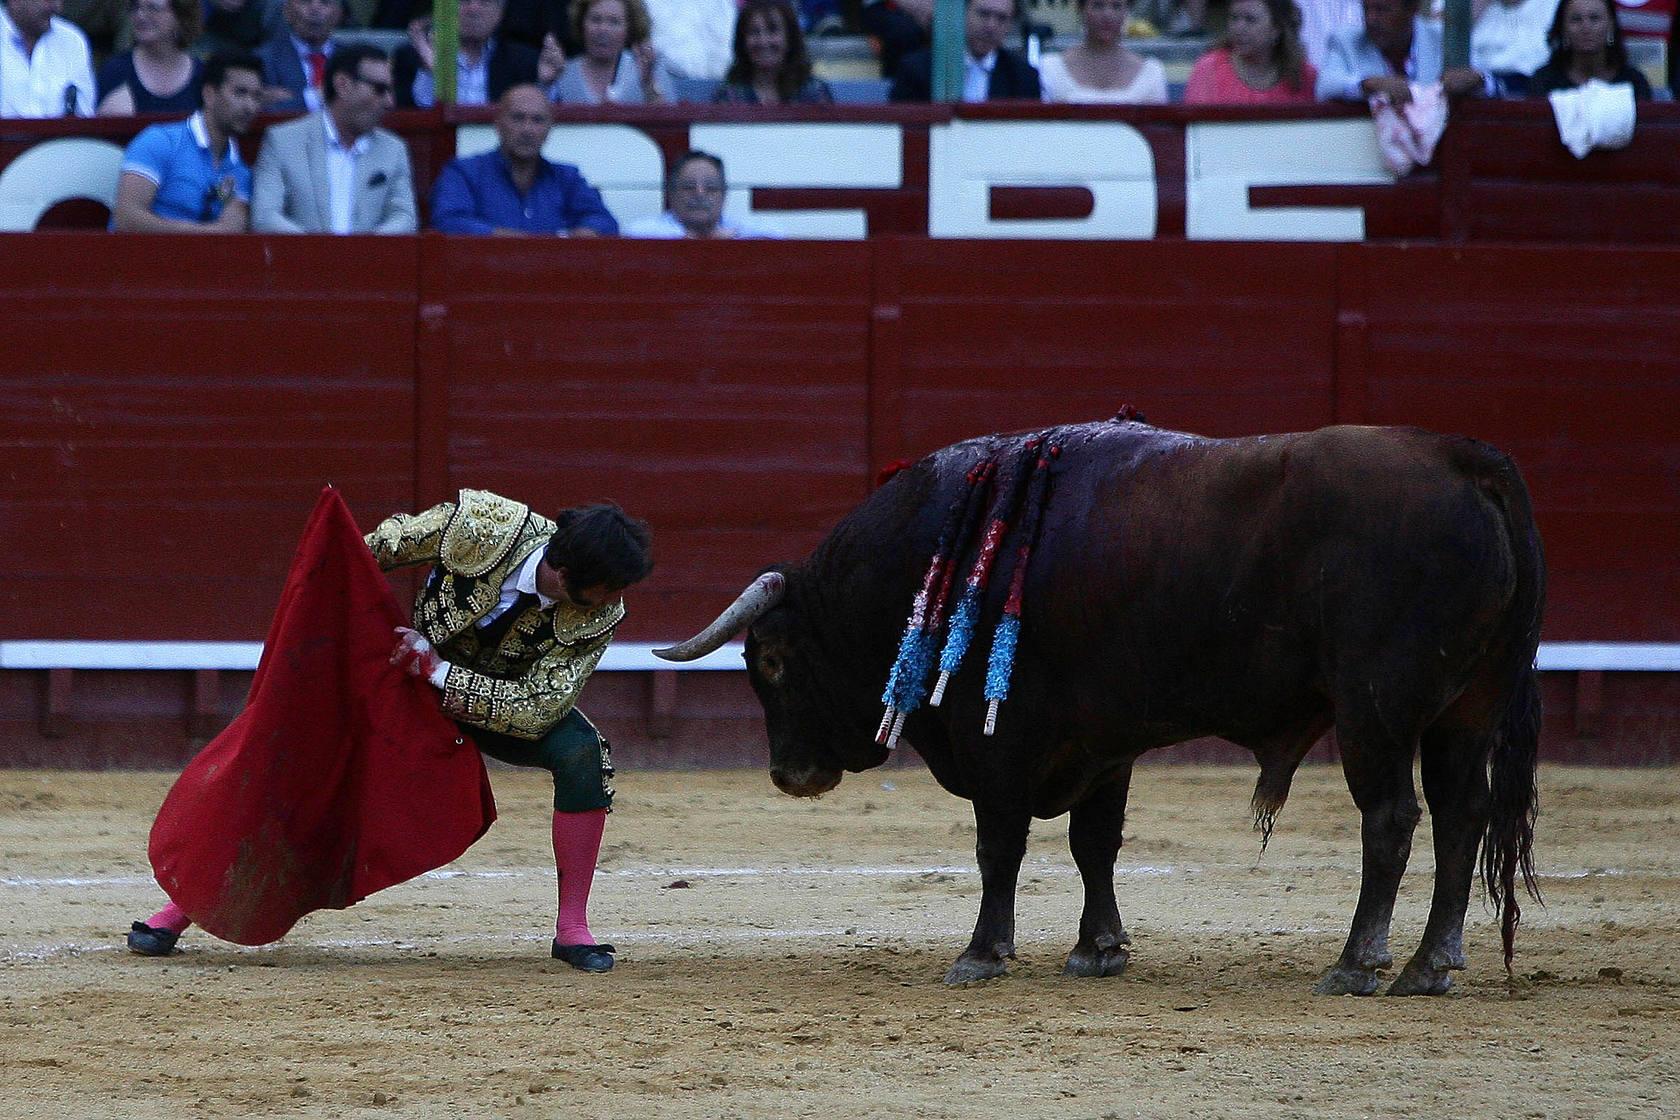 Sábado de toros en Jerez con Ponce, Padilla y Talavante